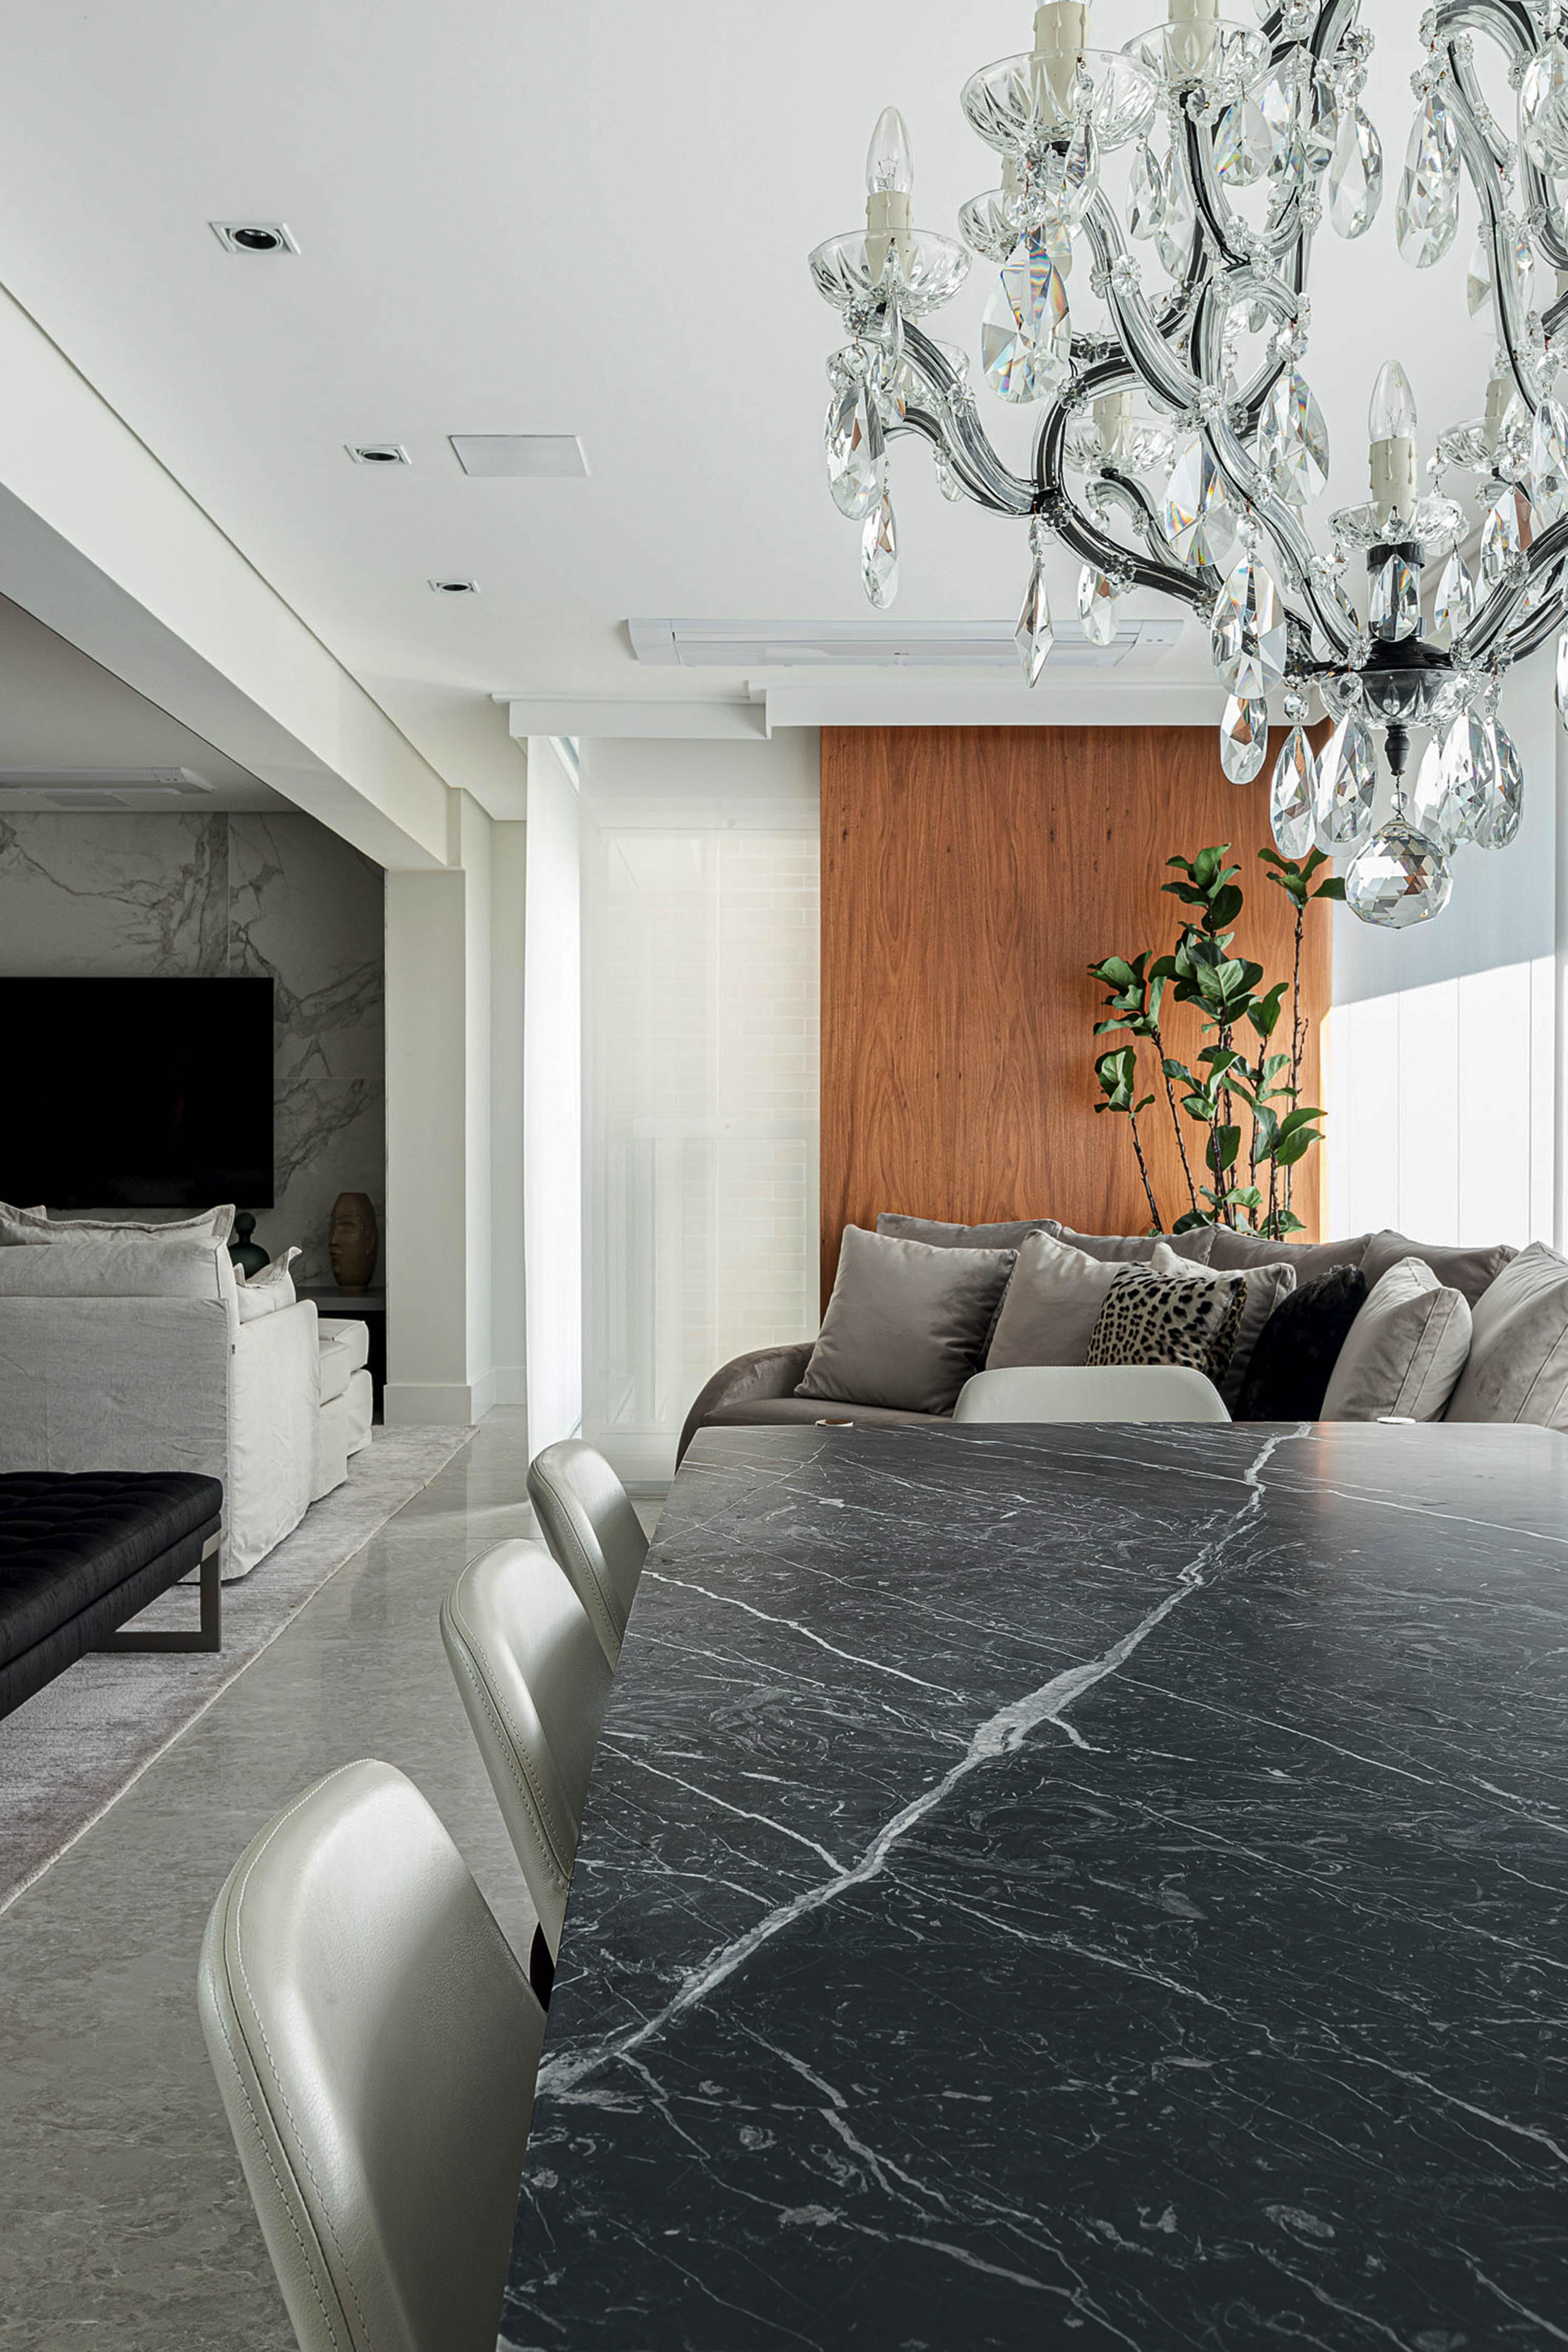 Aqui, o tampo da mesa é feito do imponente mármore Nero